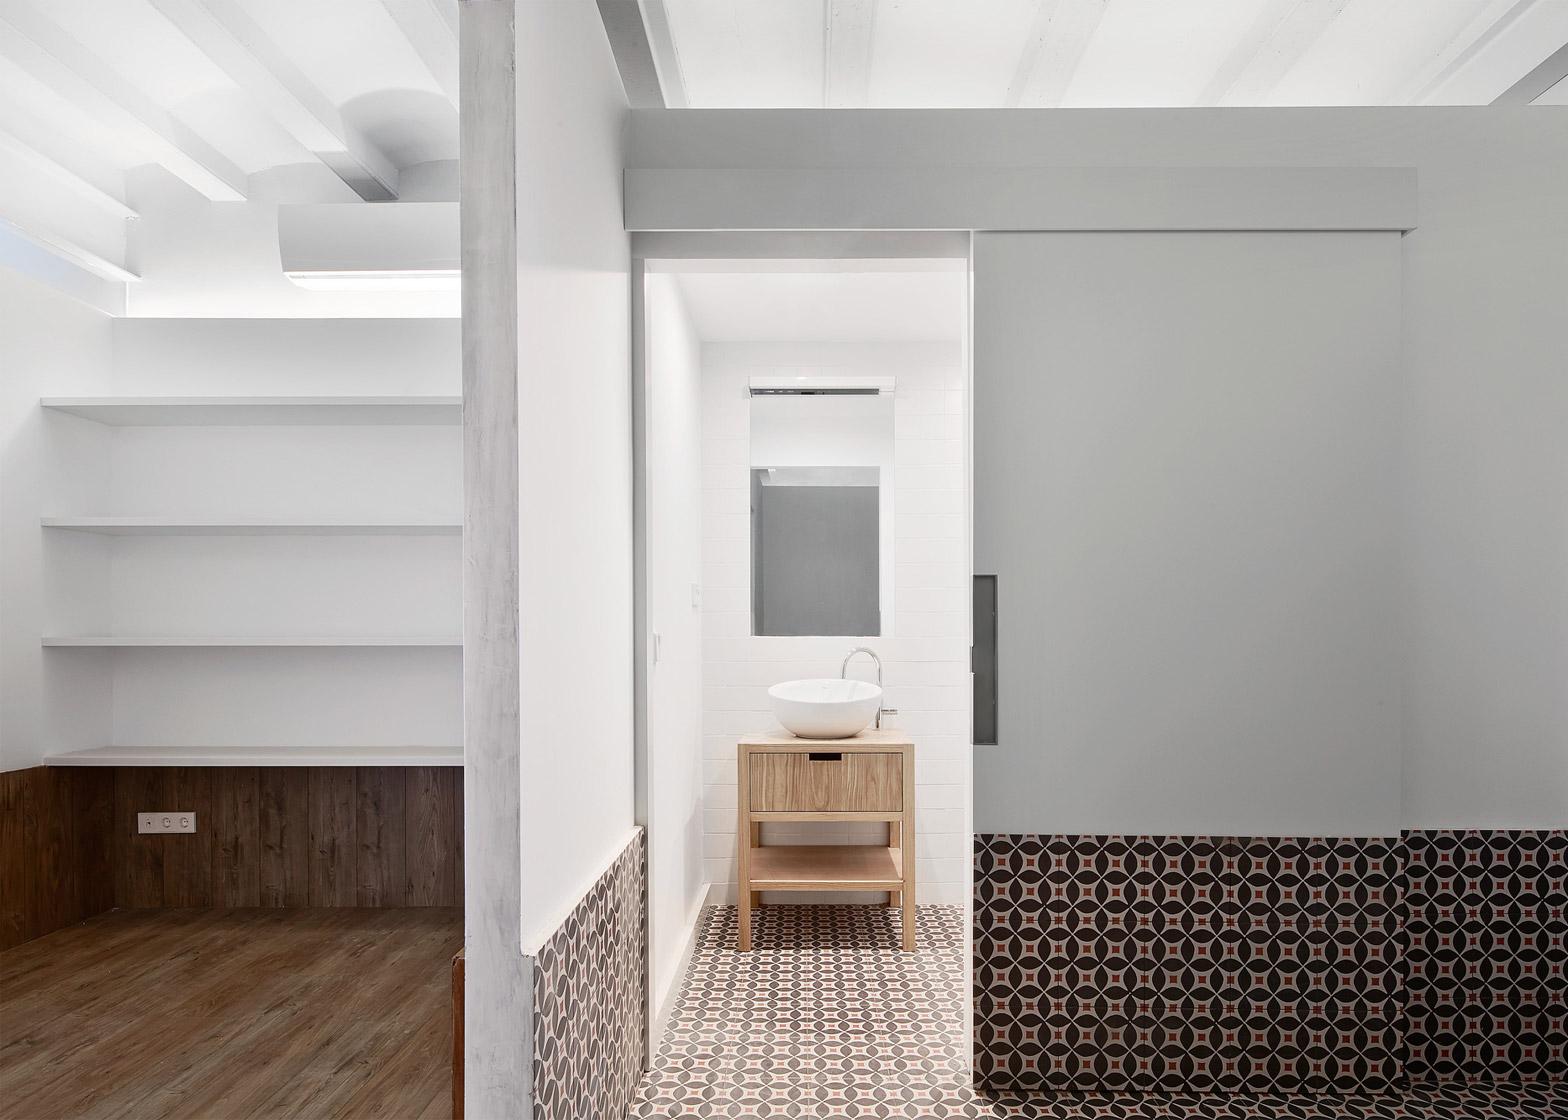 2 of 8 tamarit apartment by ras arquitectura